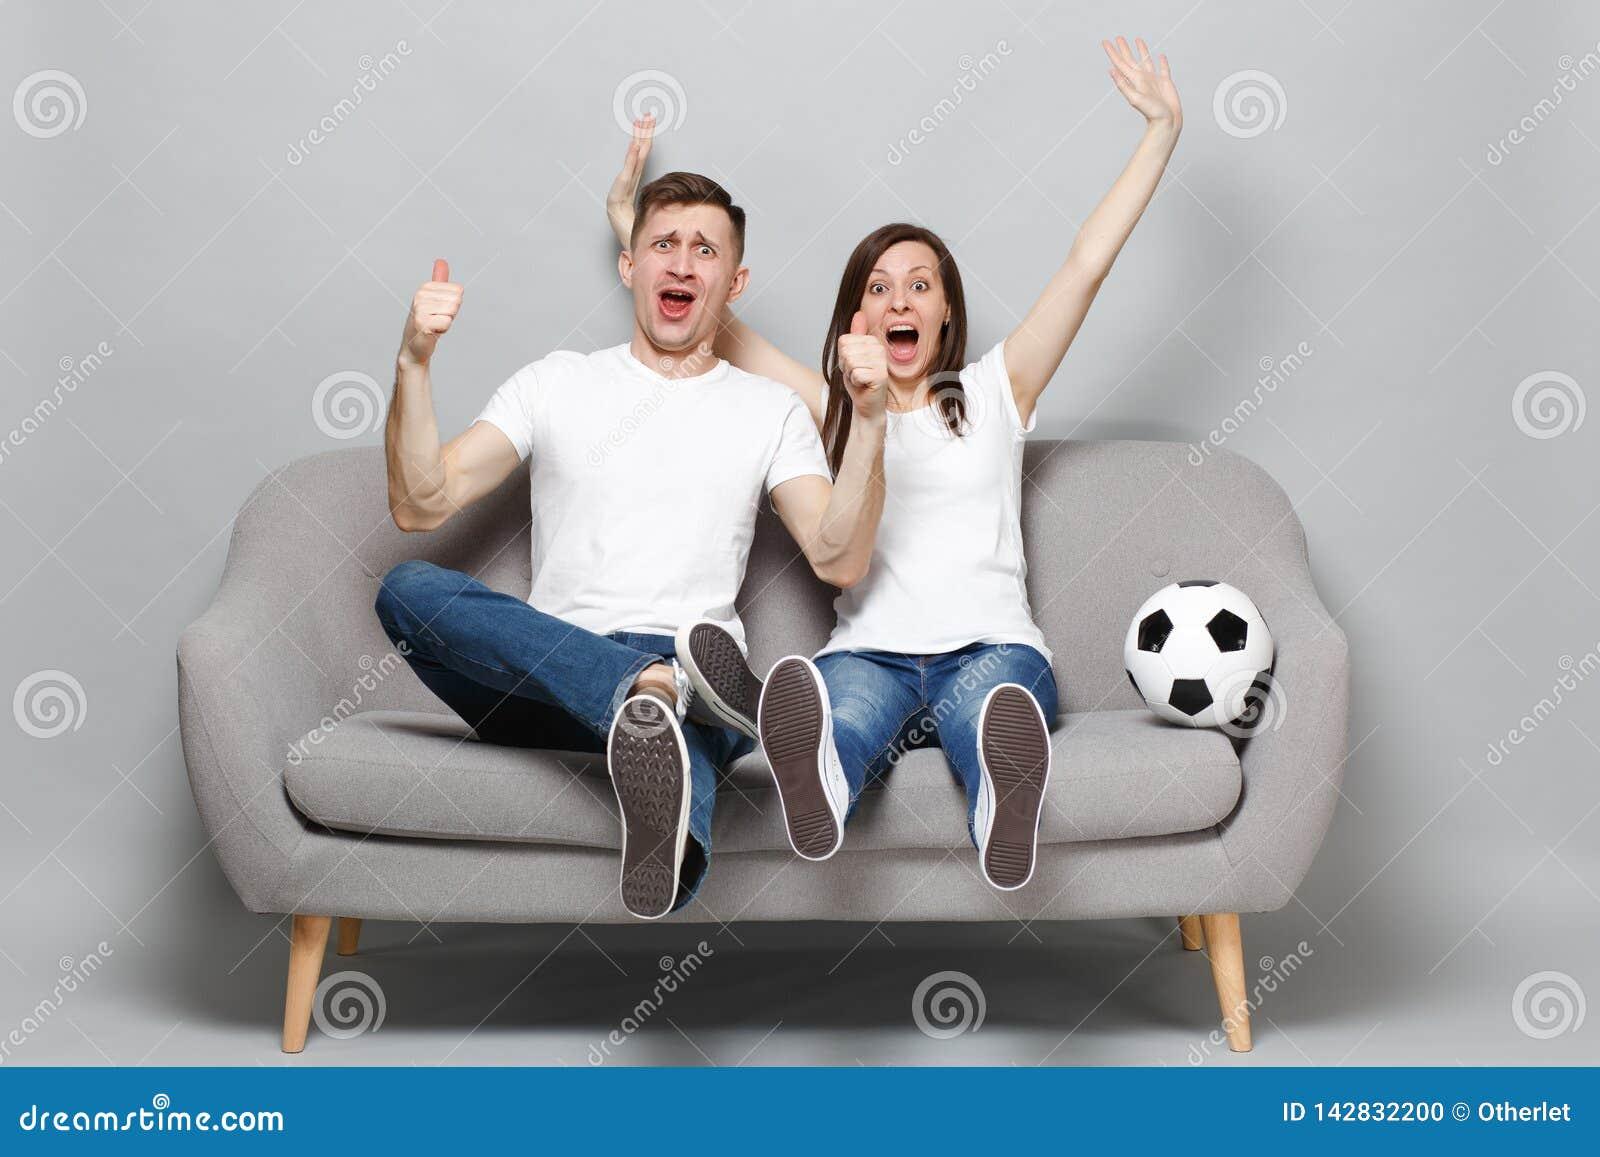 Extatiska fotbollsfan för parkvinnaman hurrar upp service som det favorit- laget med fotboll klumpa ihop sig uttrycksfulla gestik